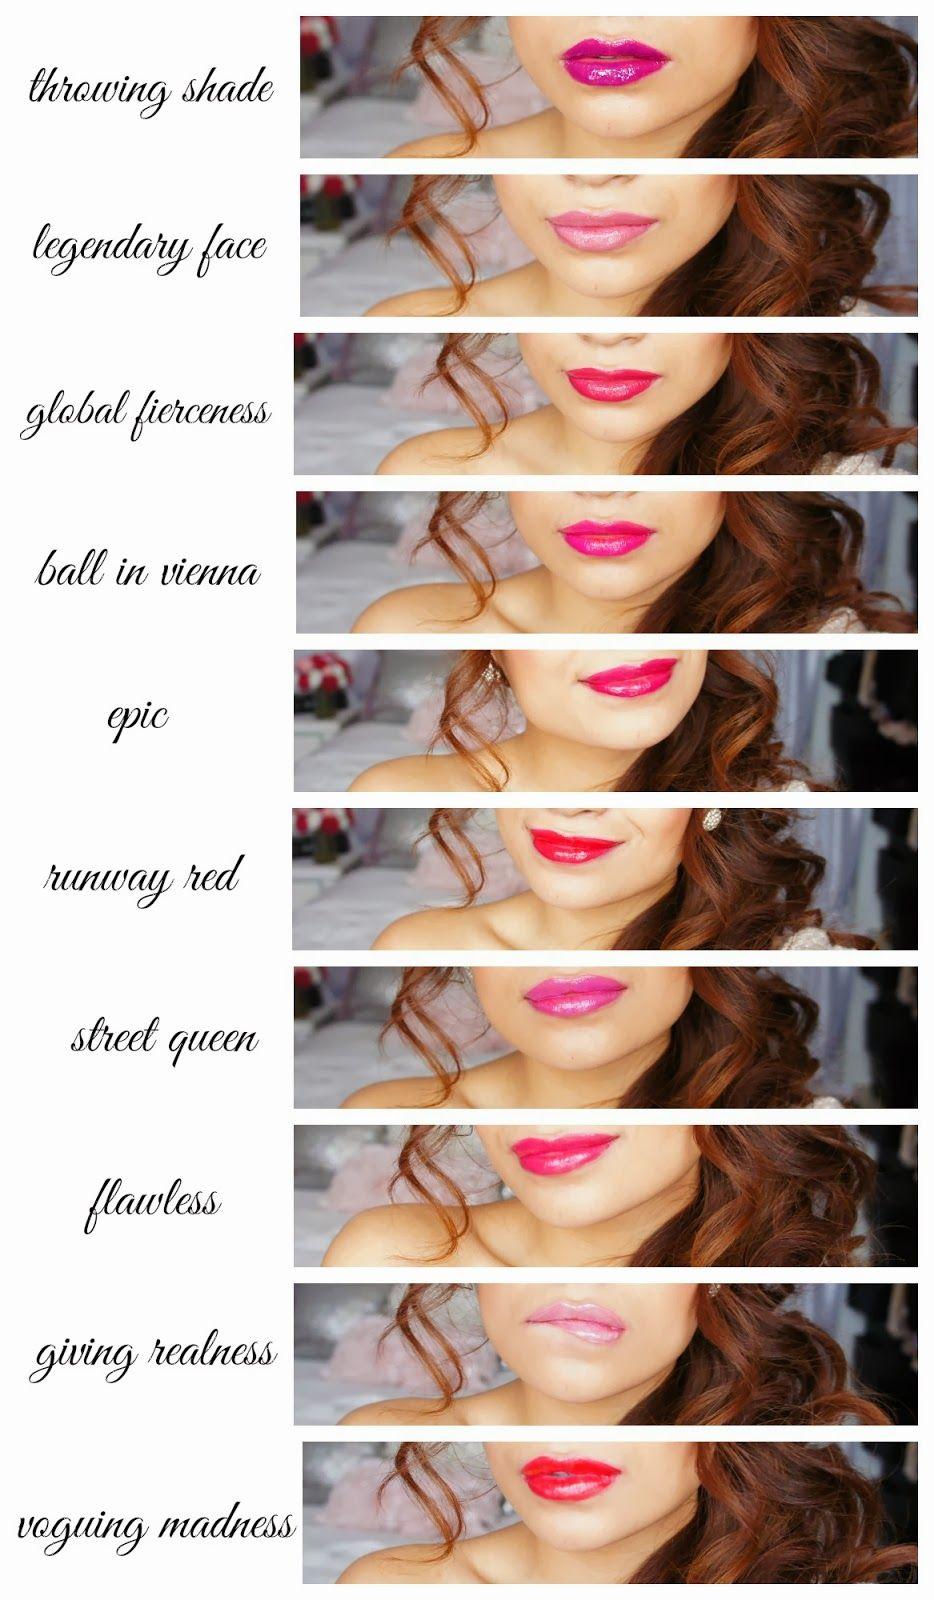 New Wet N Wild Fergie Lip Stains Shade Guide  www.BelindaSelene.com lipsticks